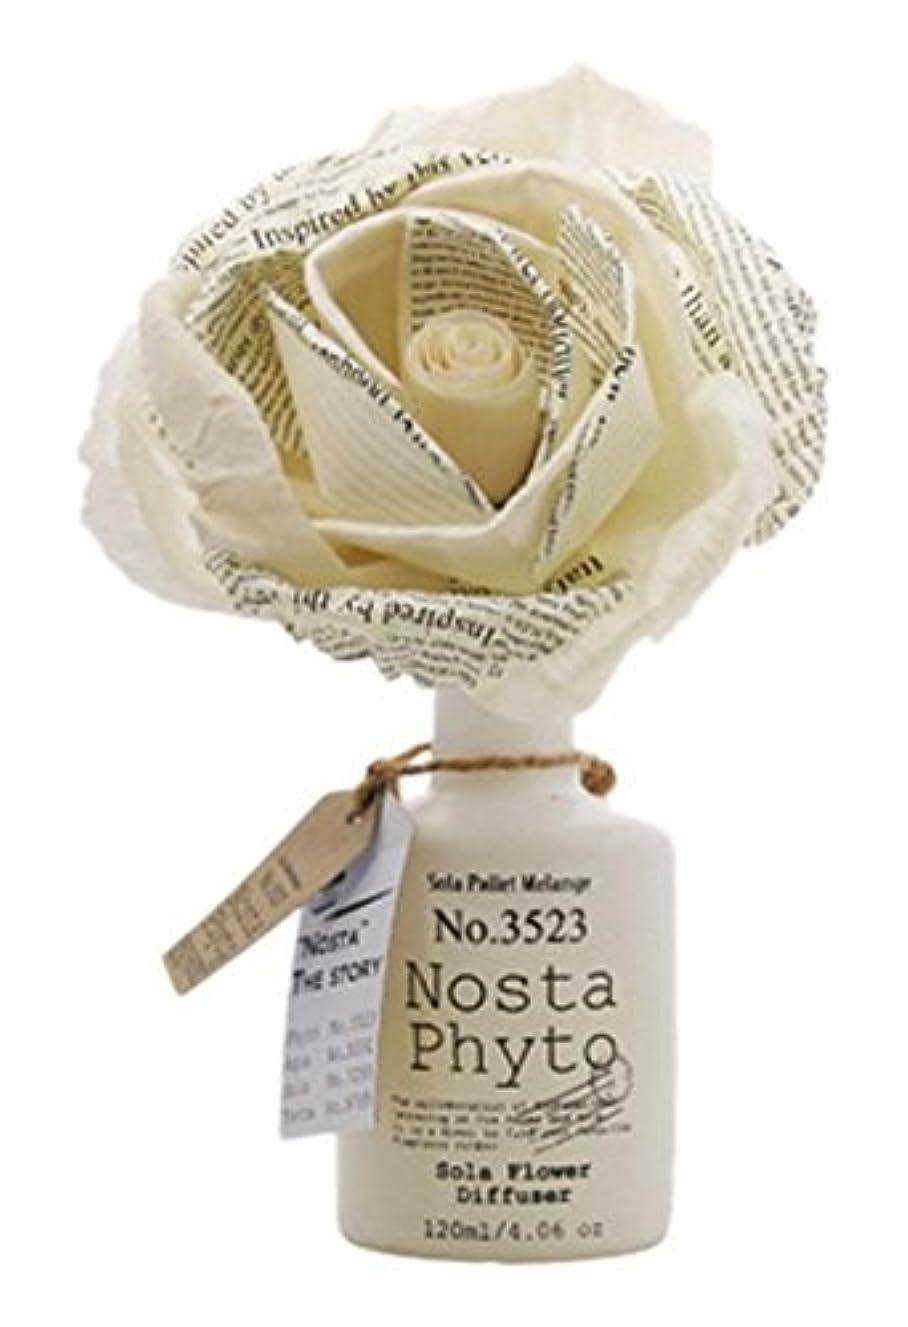 エジプト人気怠い赤外線Nosta ノスタ Solaflower Diffuser ソラフラワーディフューザー phyto フィト / 植物